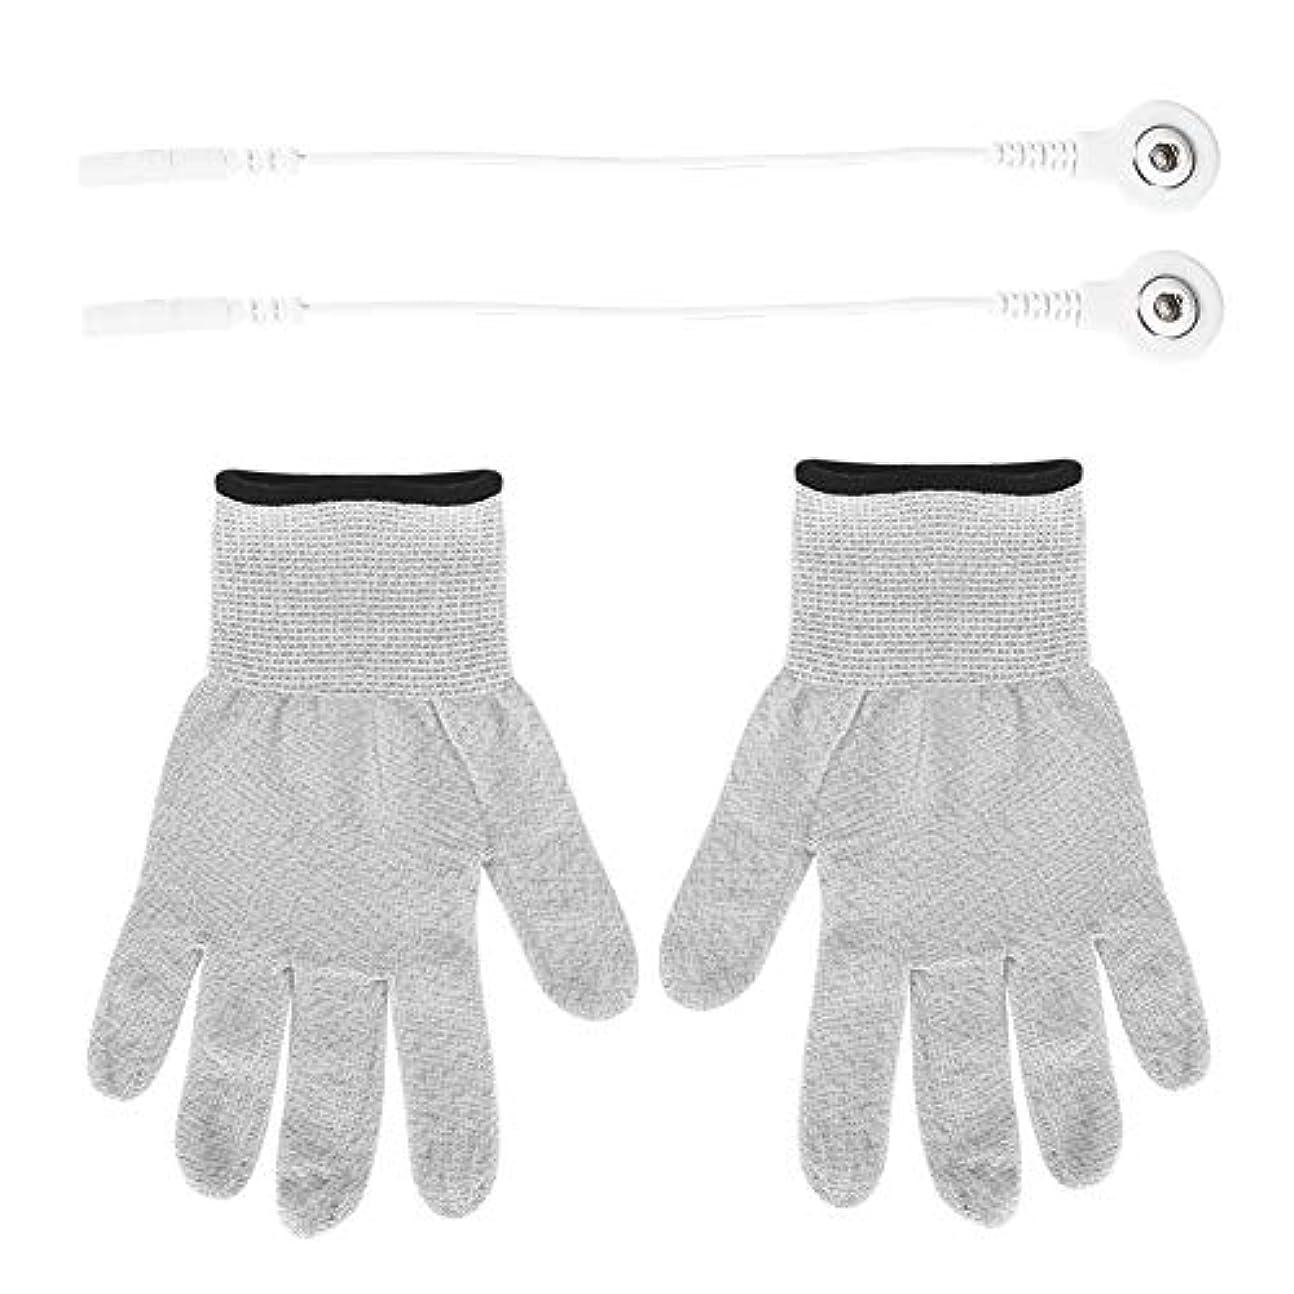 蛇行準備ができて緊張電極手袋、1対の導電性繊維電極手袋、アダプター電極付き電気ショックファイバー用リード線